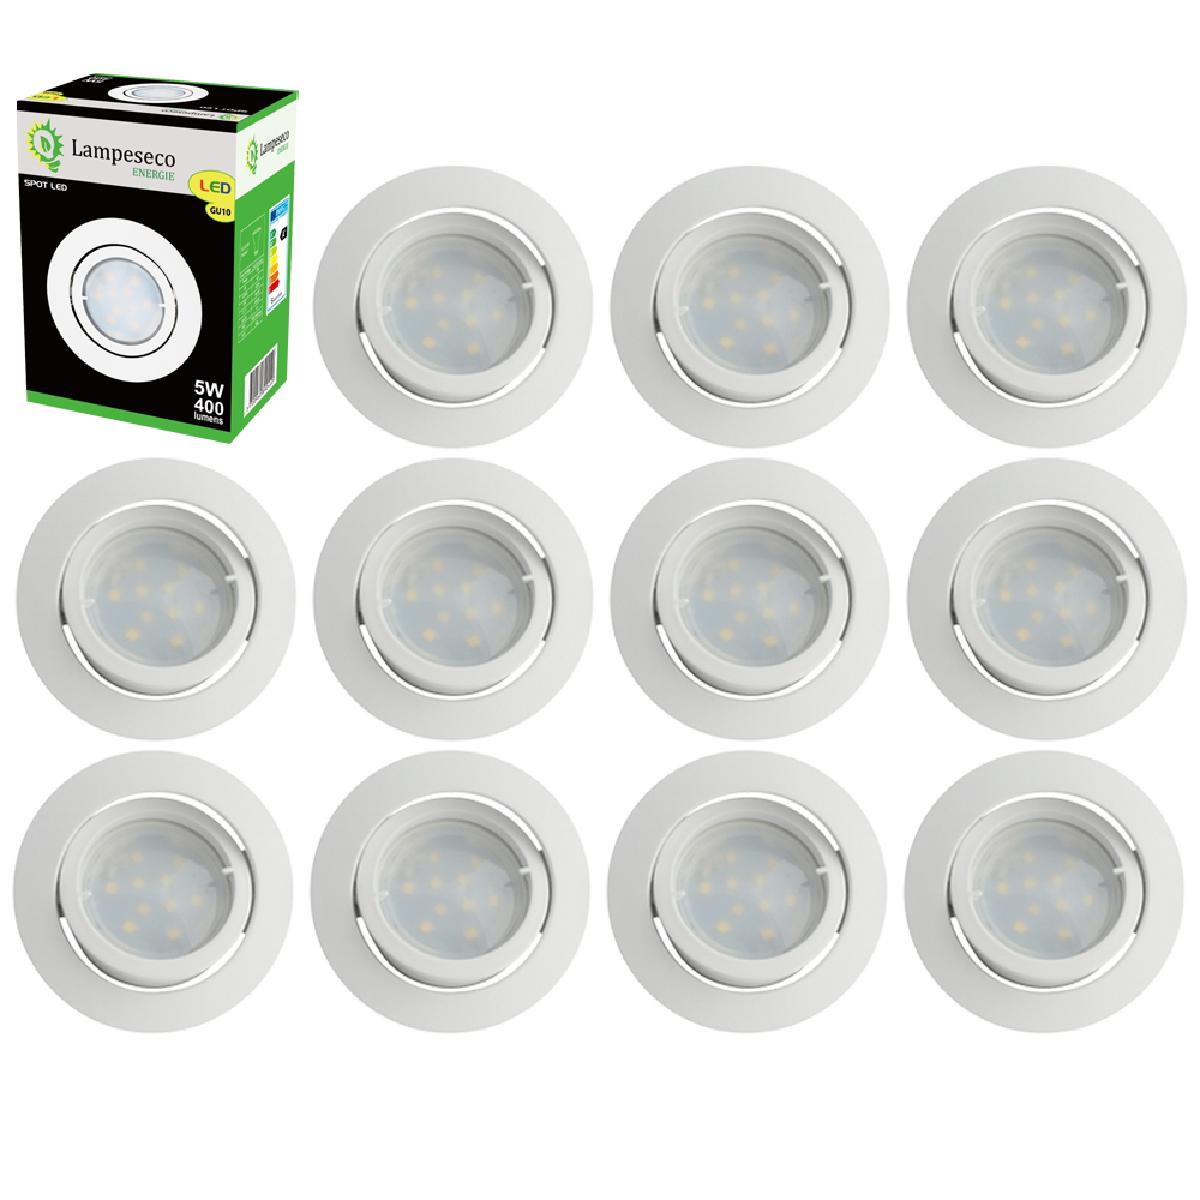 Eurobryte Lot de 12 Spot Led Encastrable Complete Blanc Orientable lumière Blanc Chaud eq. 50W ref.193